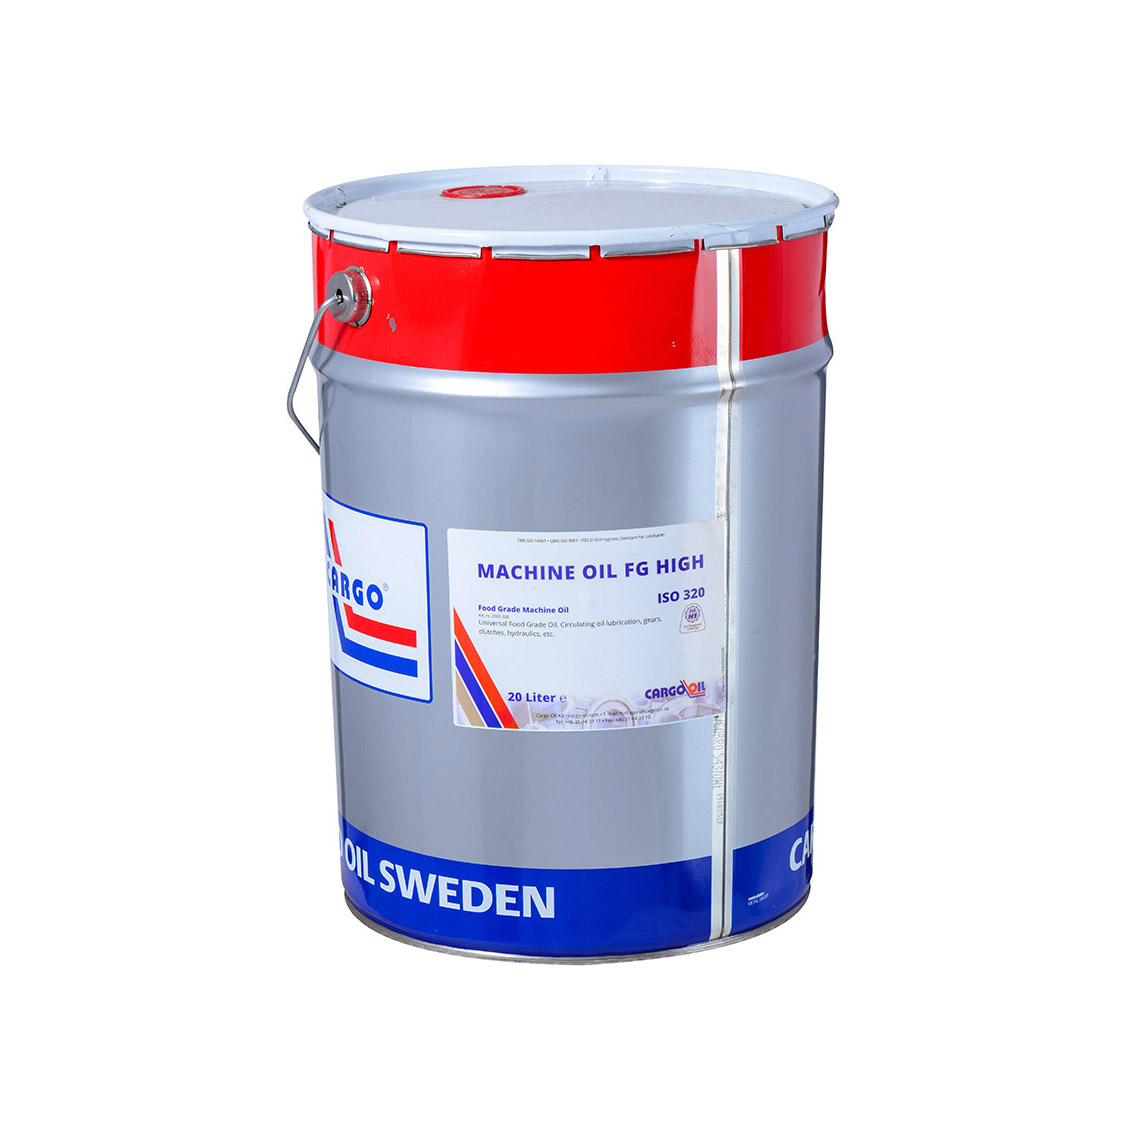 Machine Oil FG High 食品级合成通用润滑油